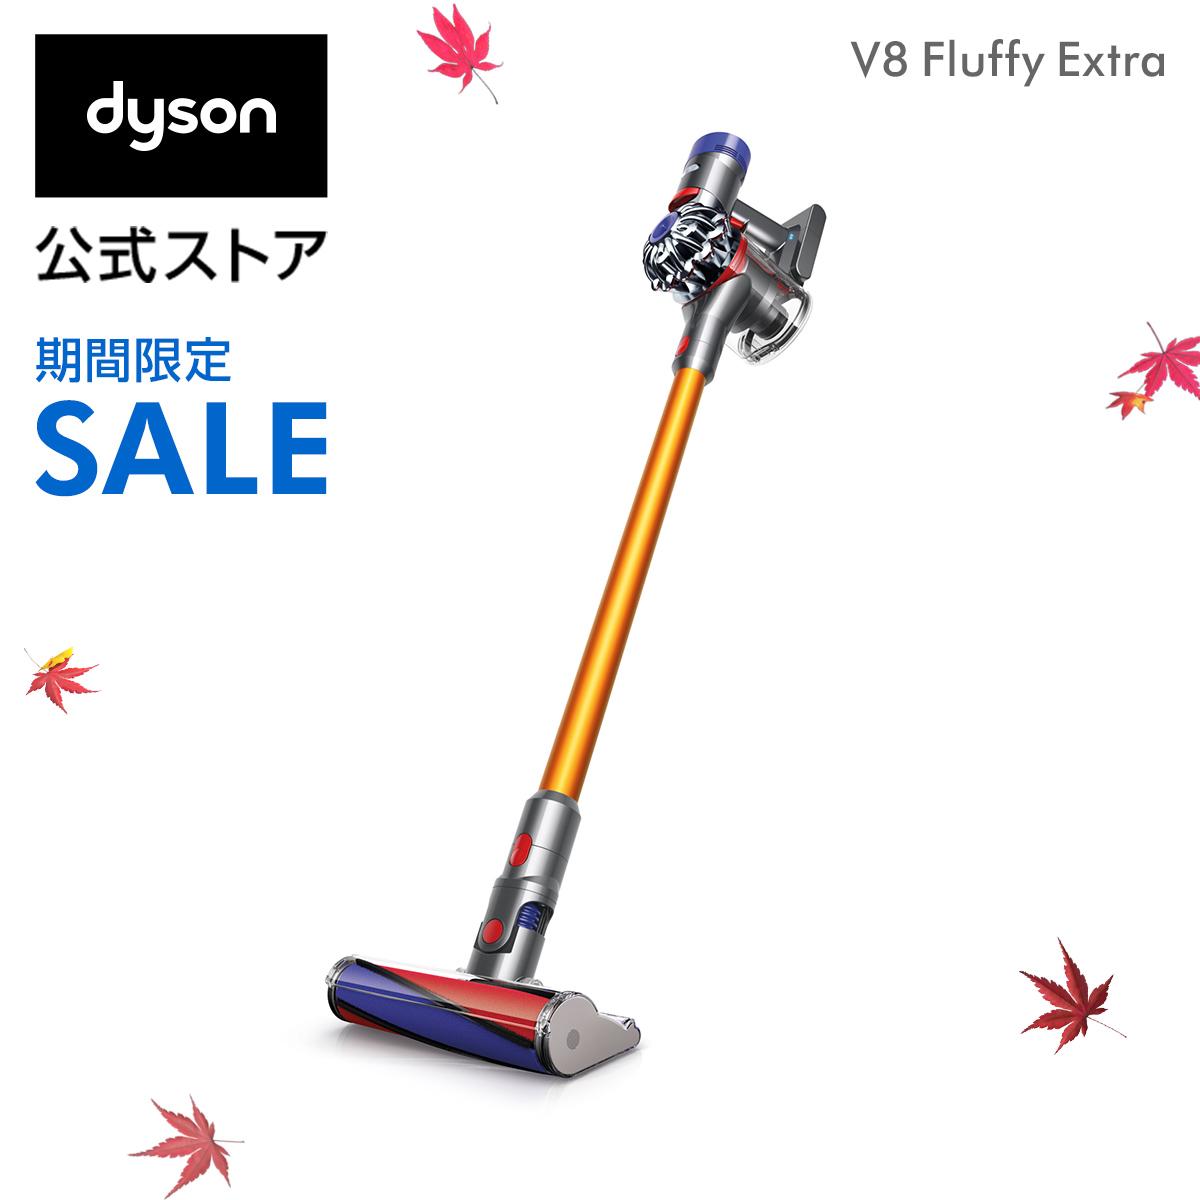 30%OFF【期間限定】11日1:59amまで!ダイソン Dyson V8 Fluffy Extra サイクロン式 コードレス掃除機 dyson SV10FF EXT【在庫限り】